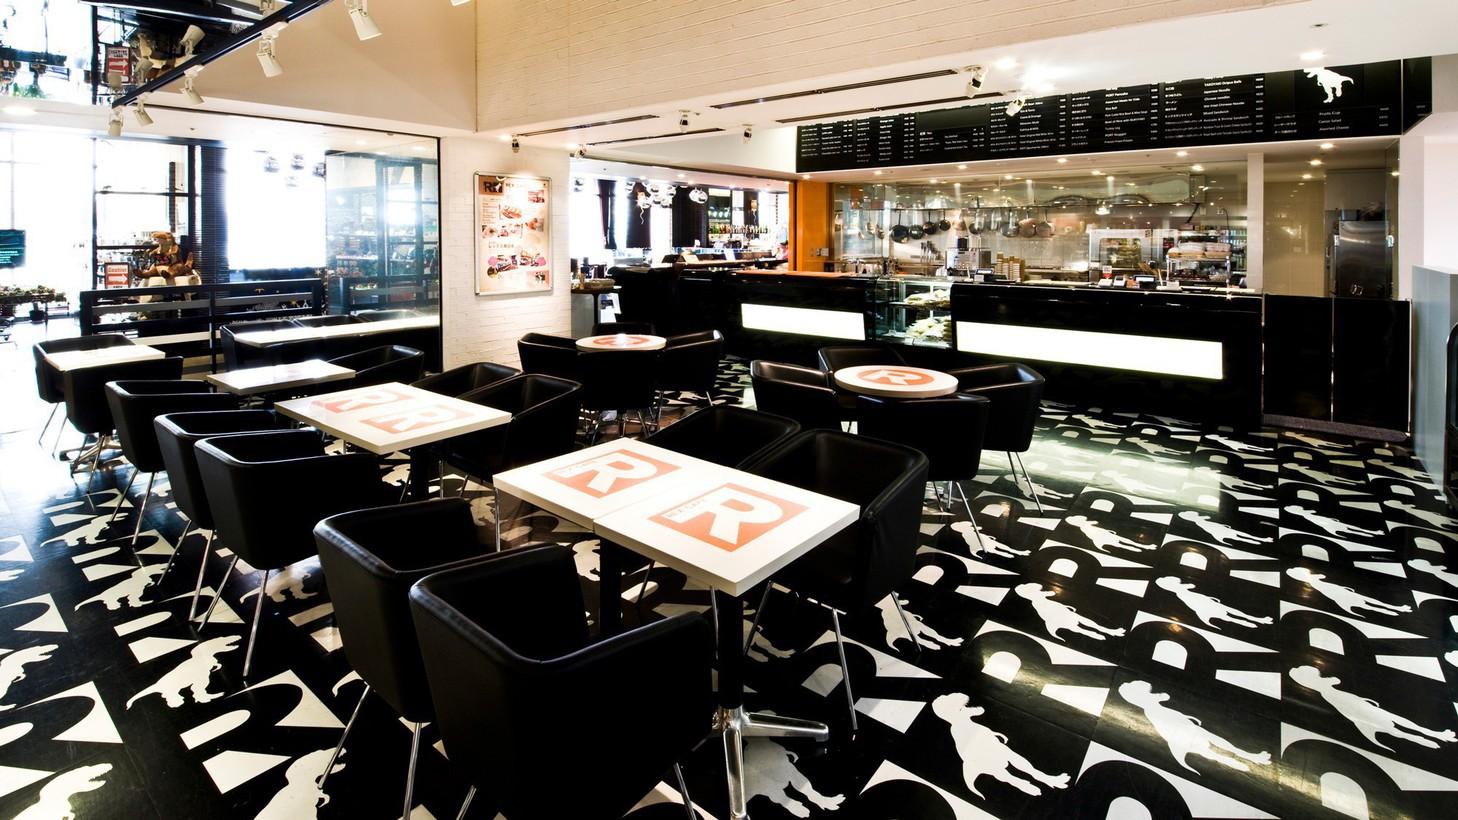 【レックスカフェ】巨大恐竜「REX」をモチーフにデザインされた店内 ※イメージ